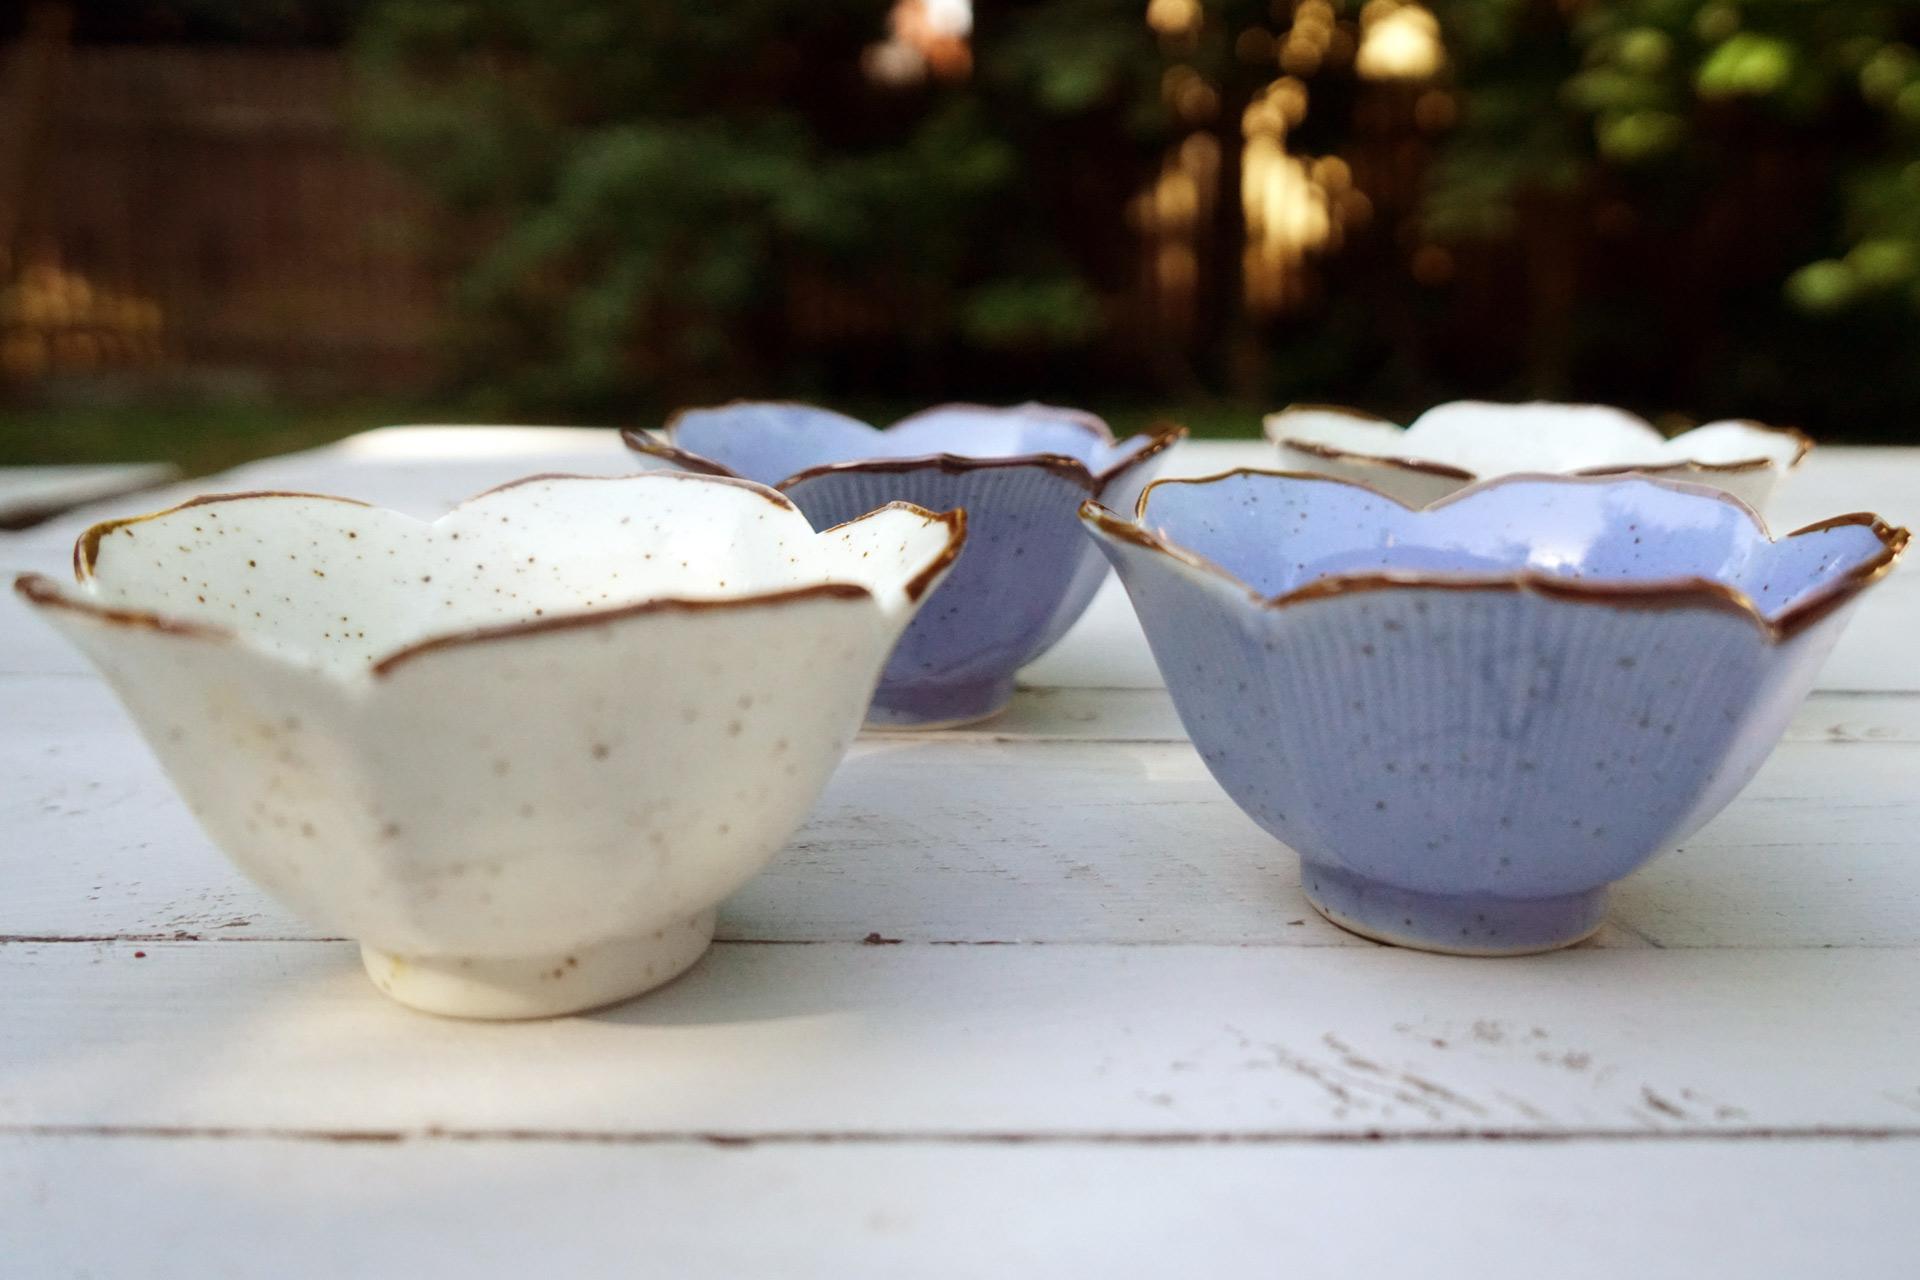 Schalenset keramik dessert vintage 2